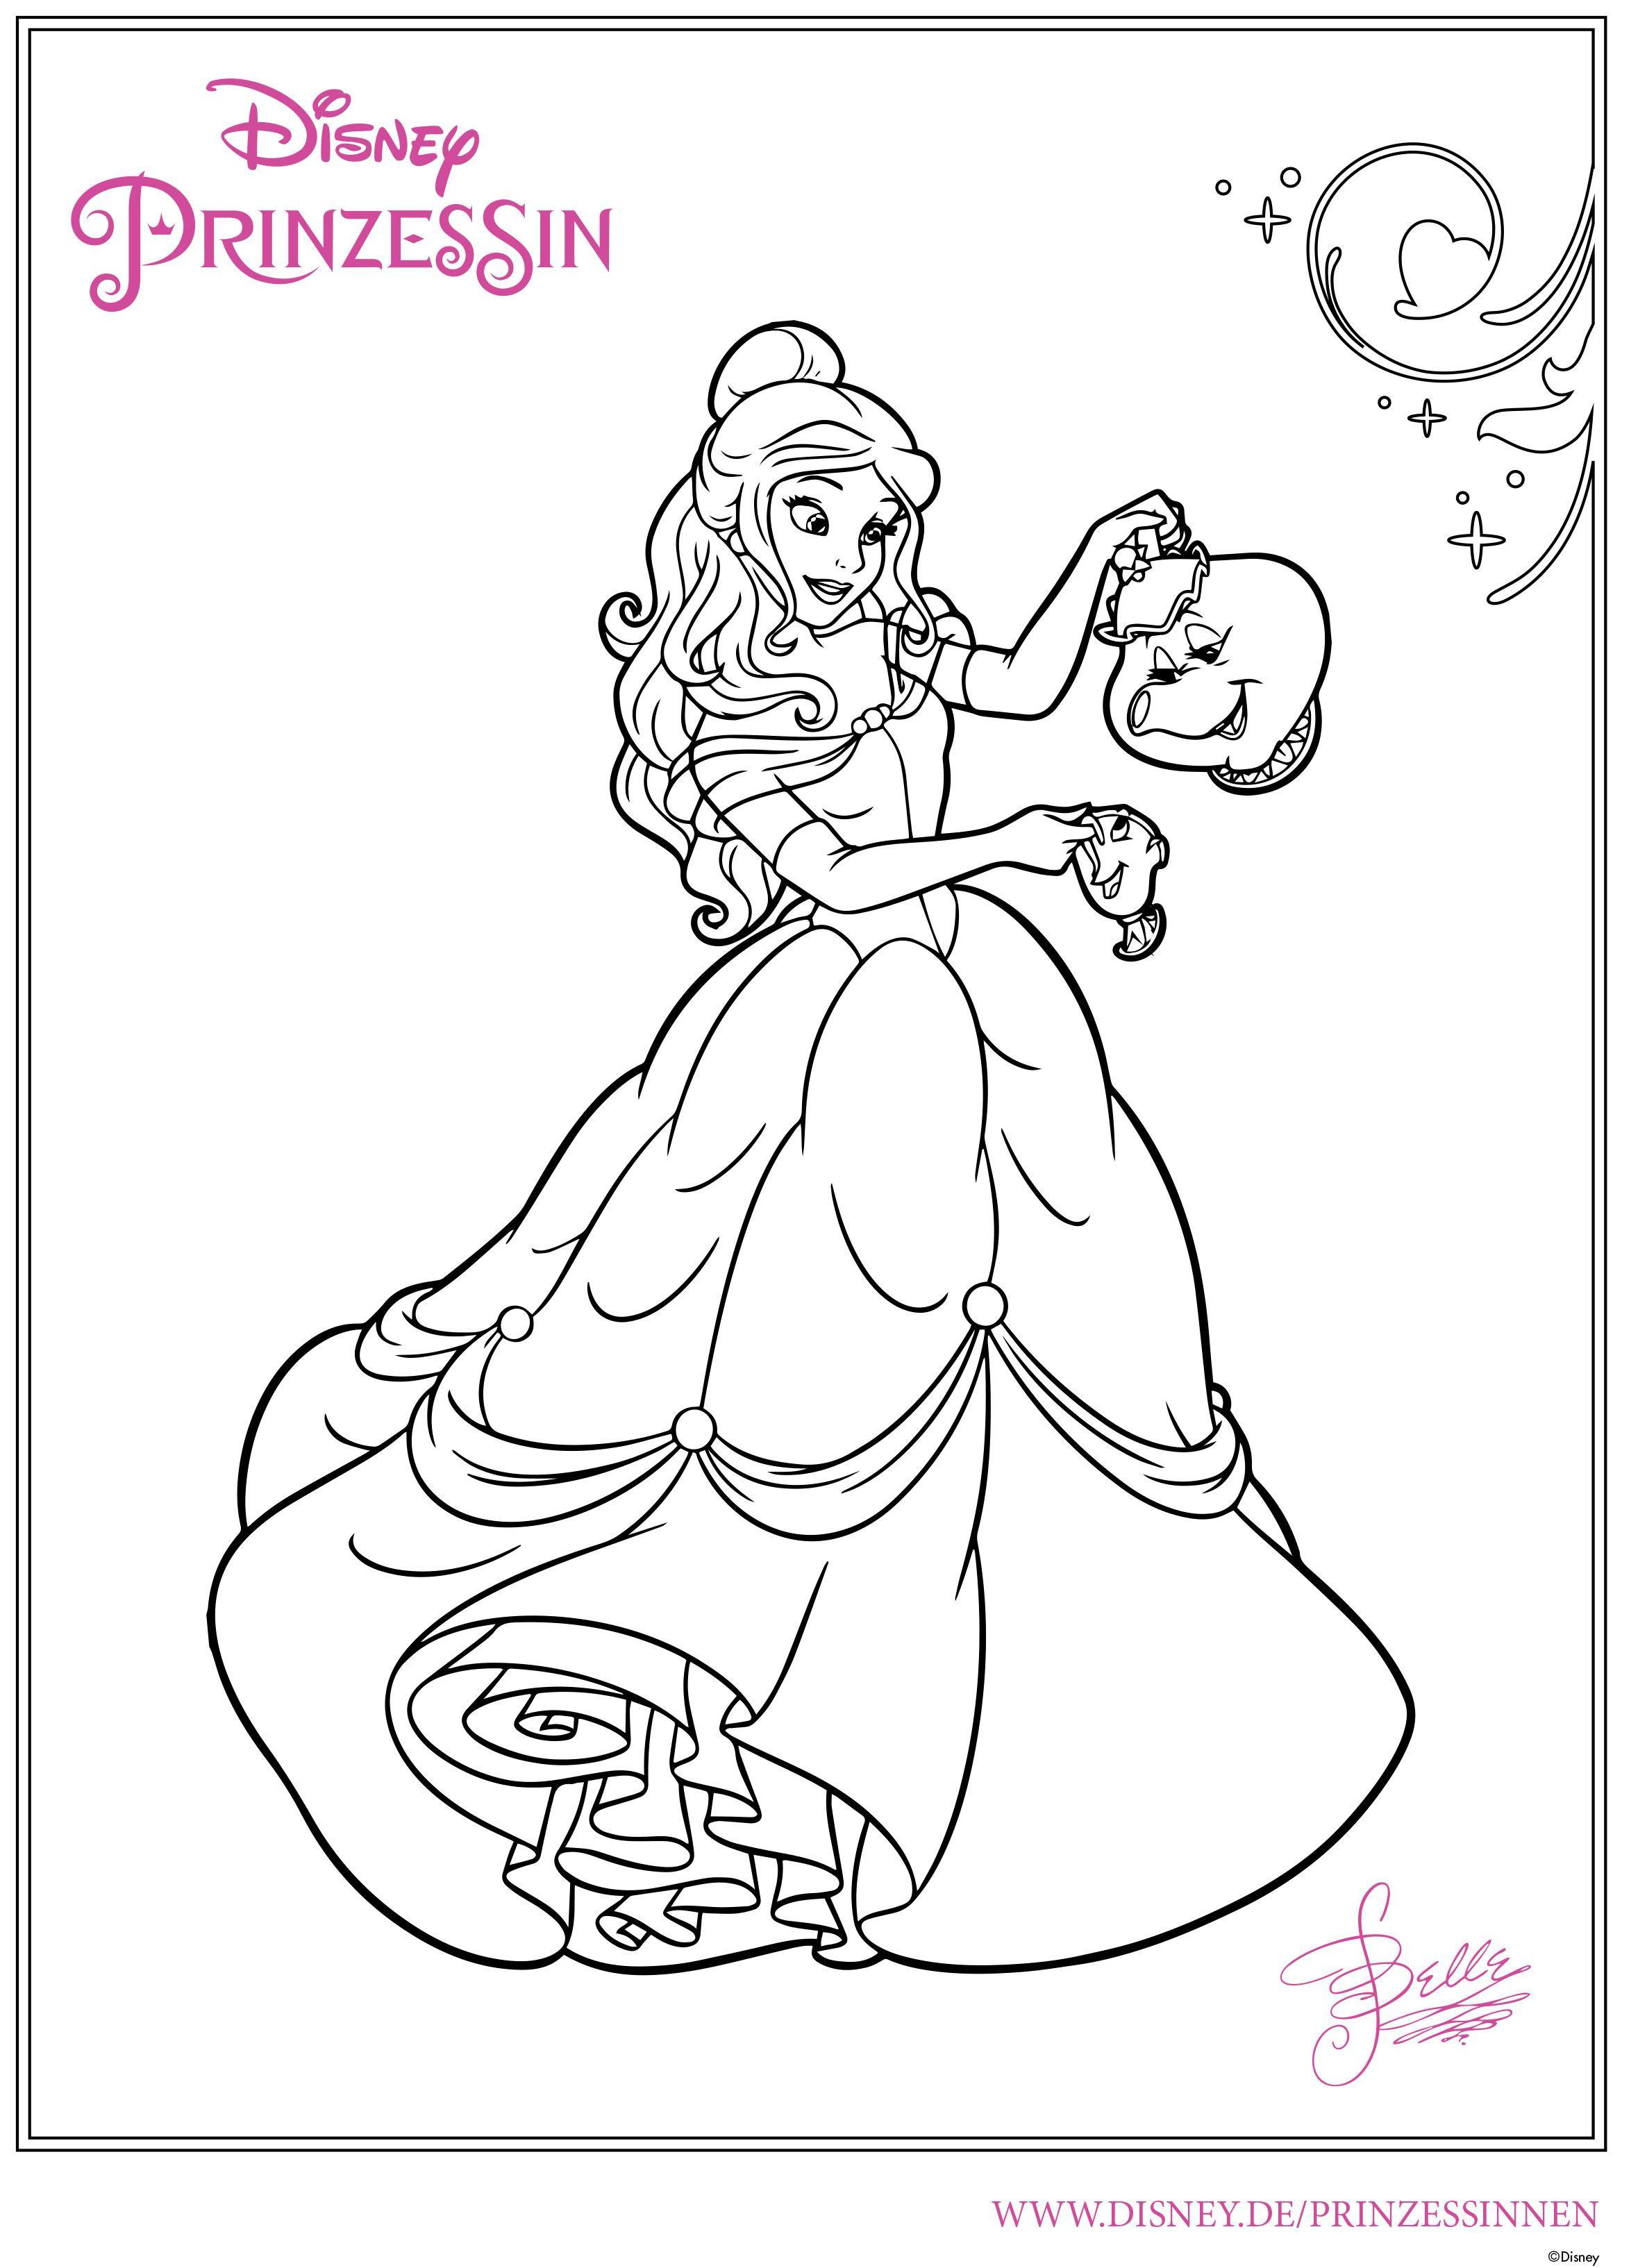 Ausmalbilder Prinzessin Ausdrucken Frisch Ausmalbilder Belle 346 Malvorlage Alle Ausmalbilder Y7du Galerie